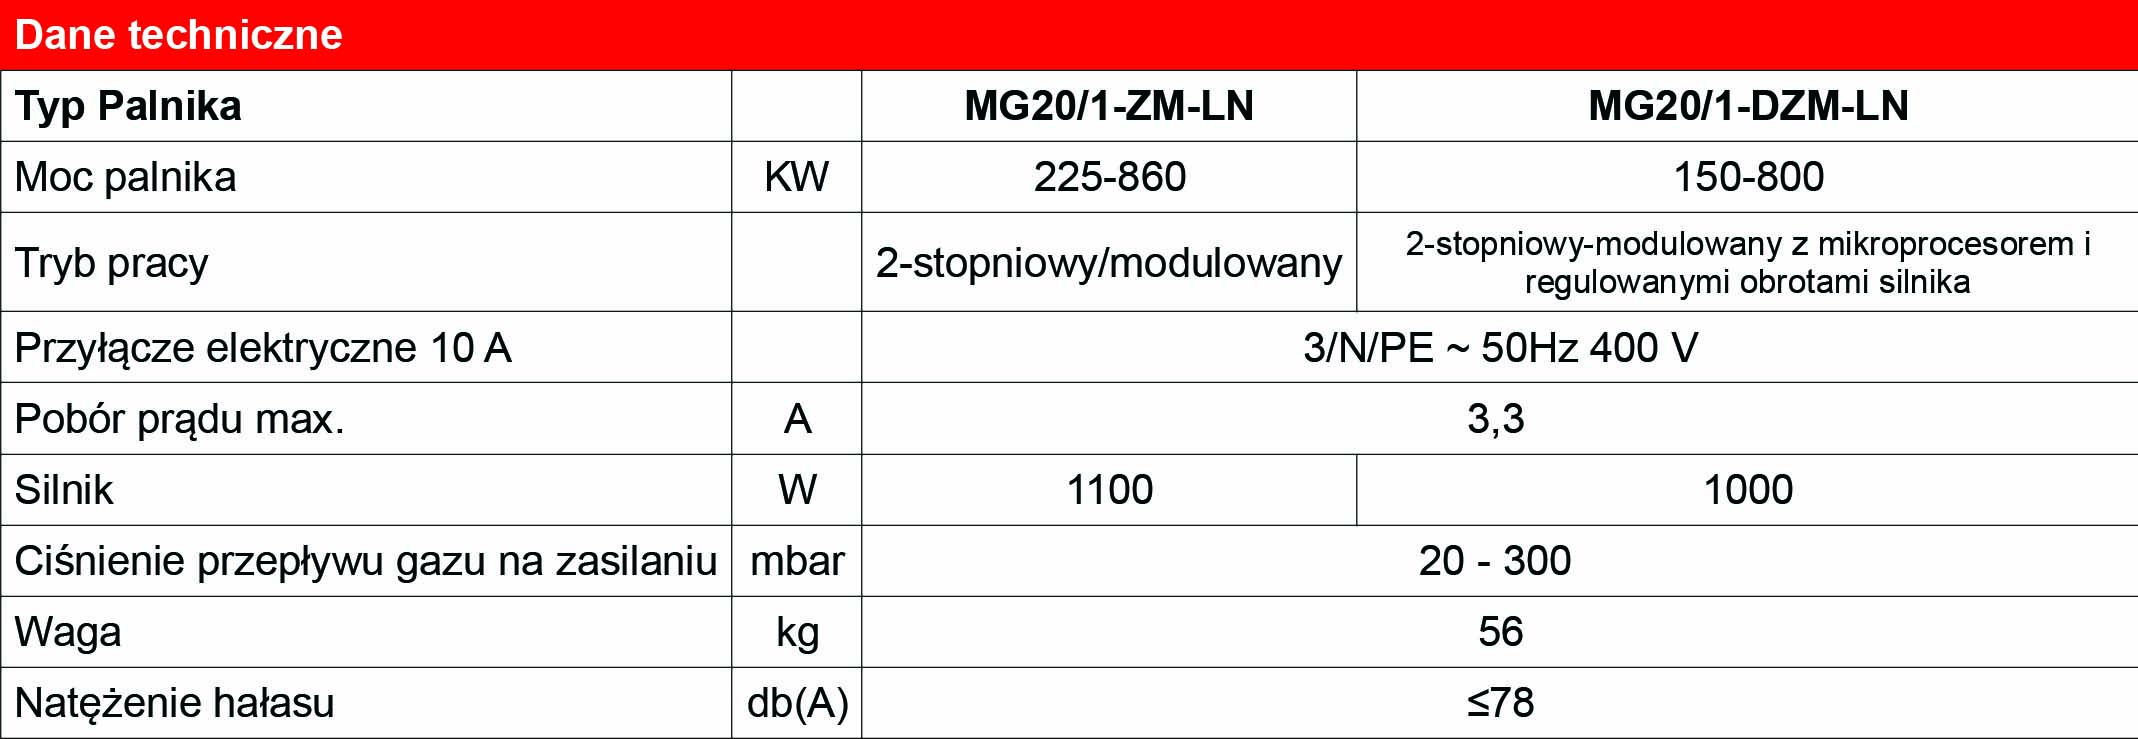 dane_techniczne_MG20_1-ZM-LN